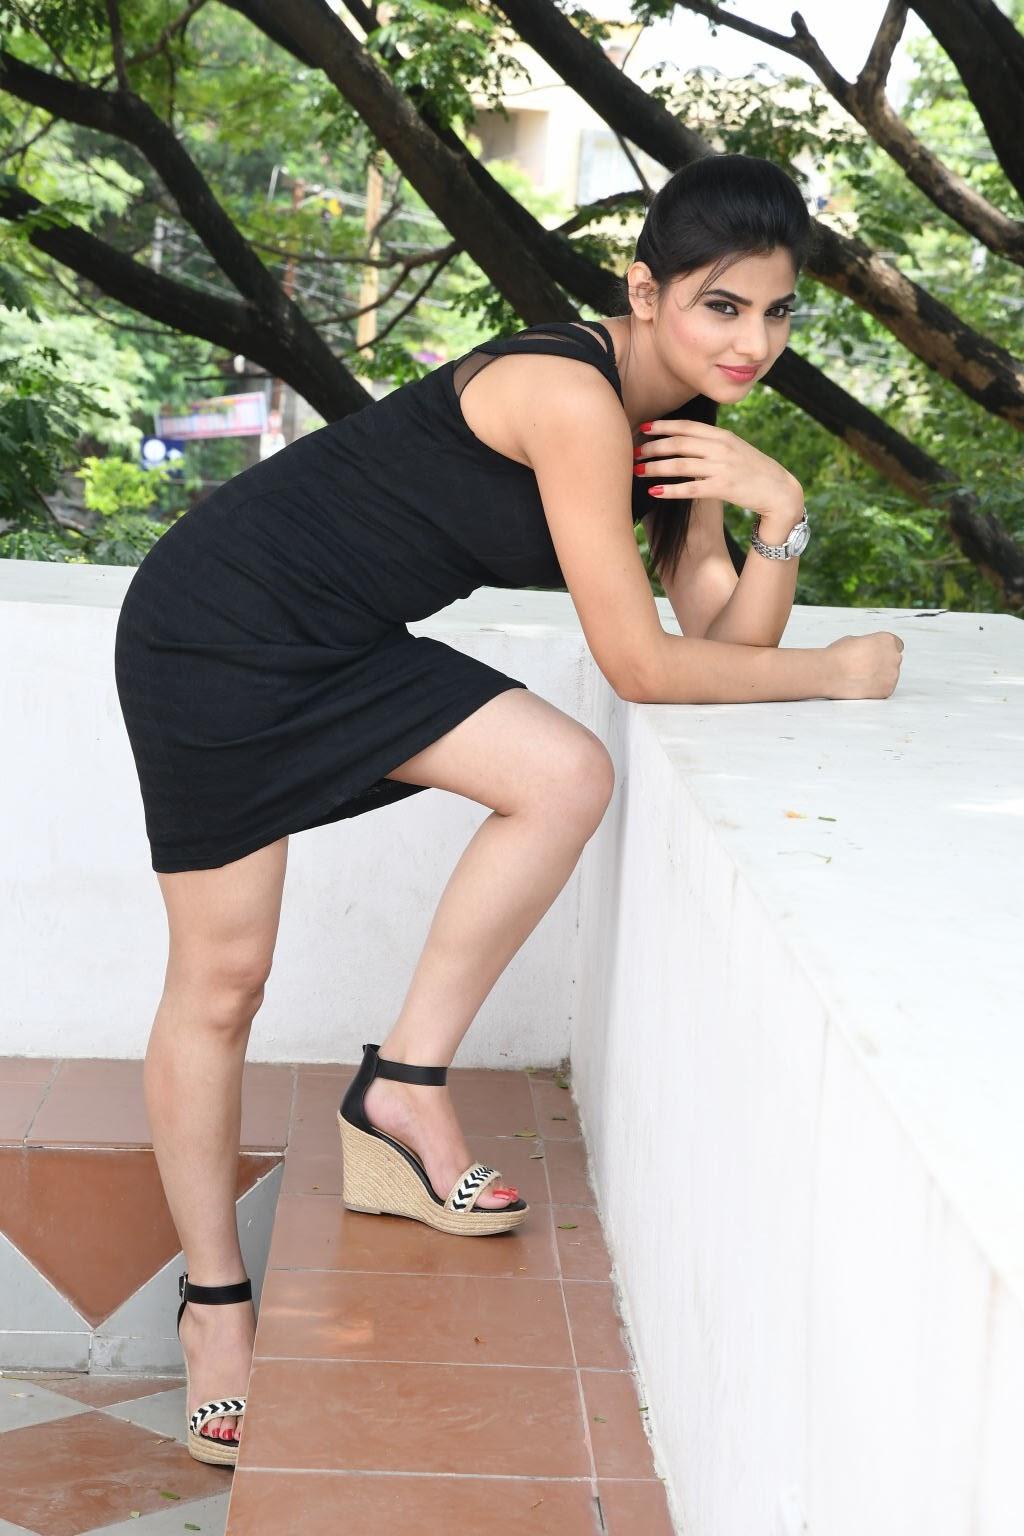 kamna ranawat new glam pics-HQ-Photo-8